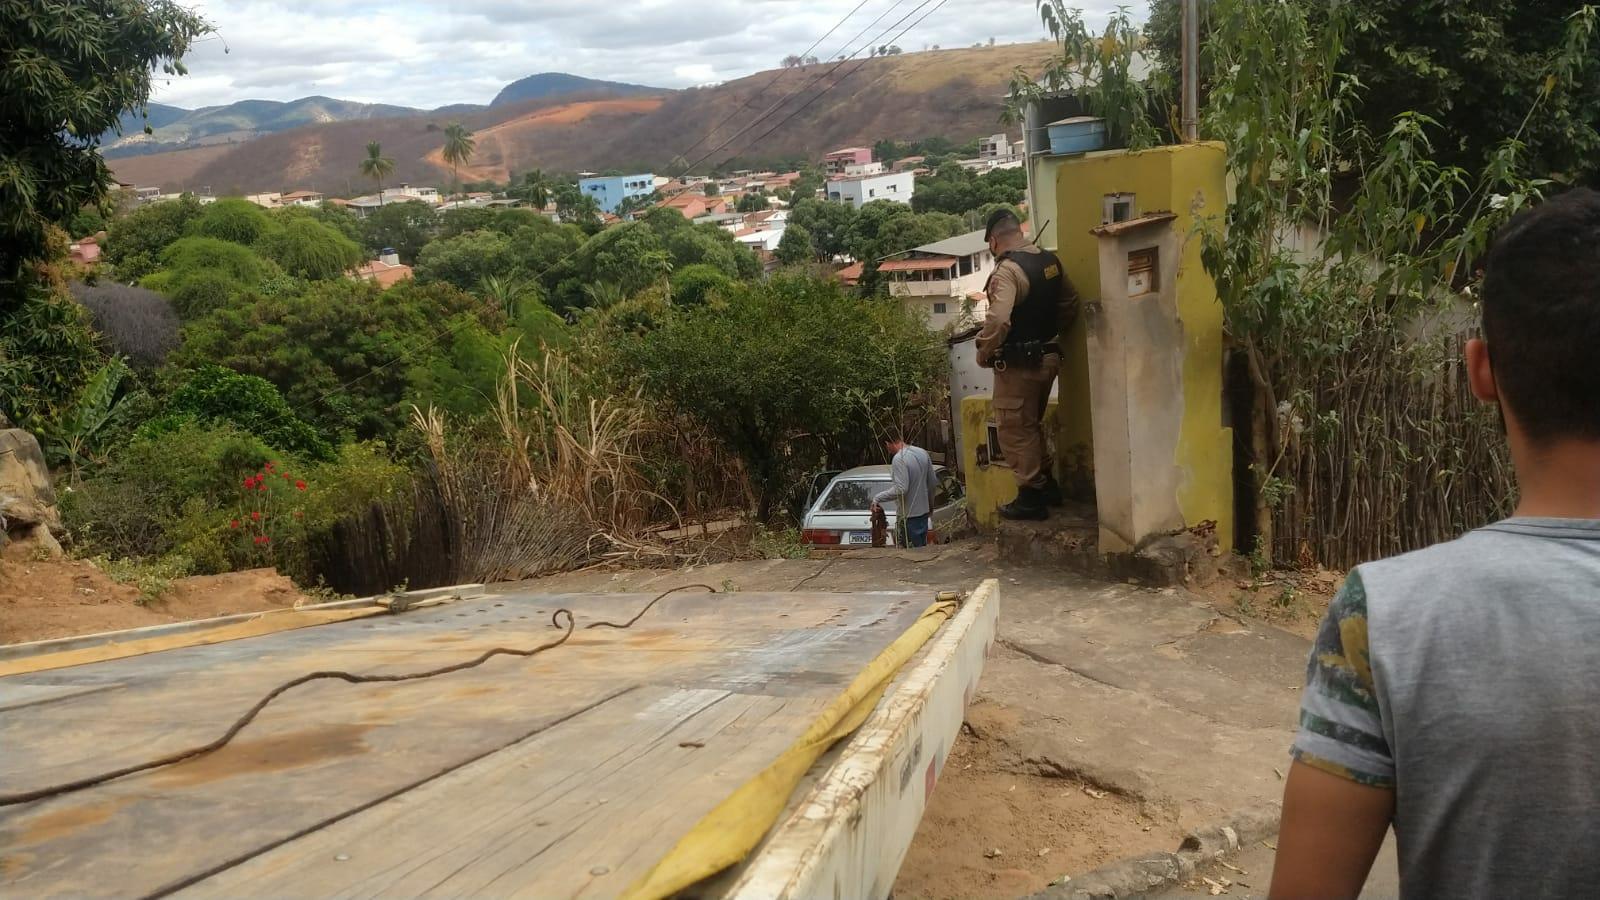 MOTORISTA PERDE O CONTROLE E INVADE QUINTAL DE CASA NO MORRO DO HOSPITAL